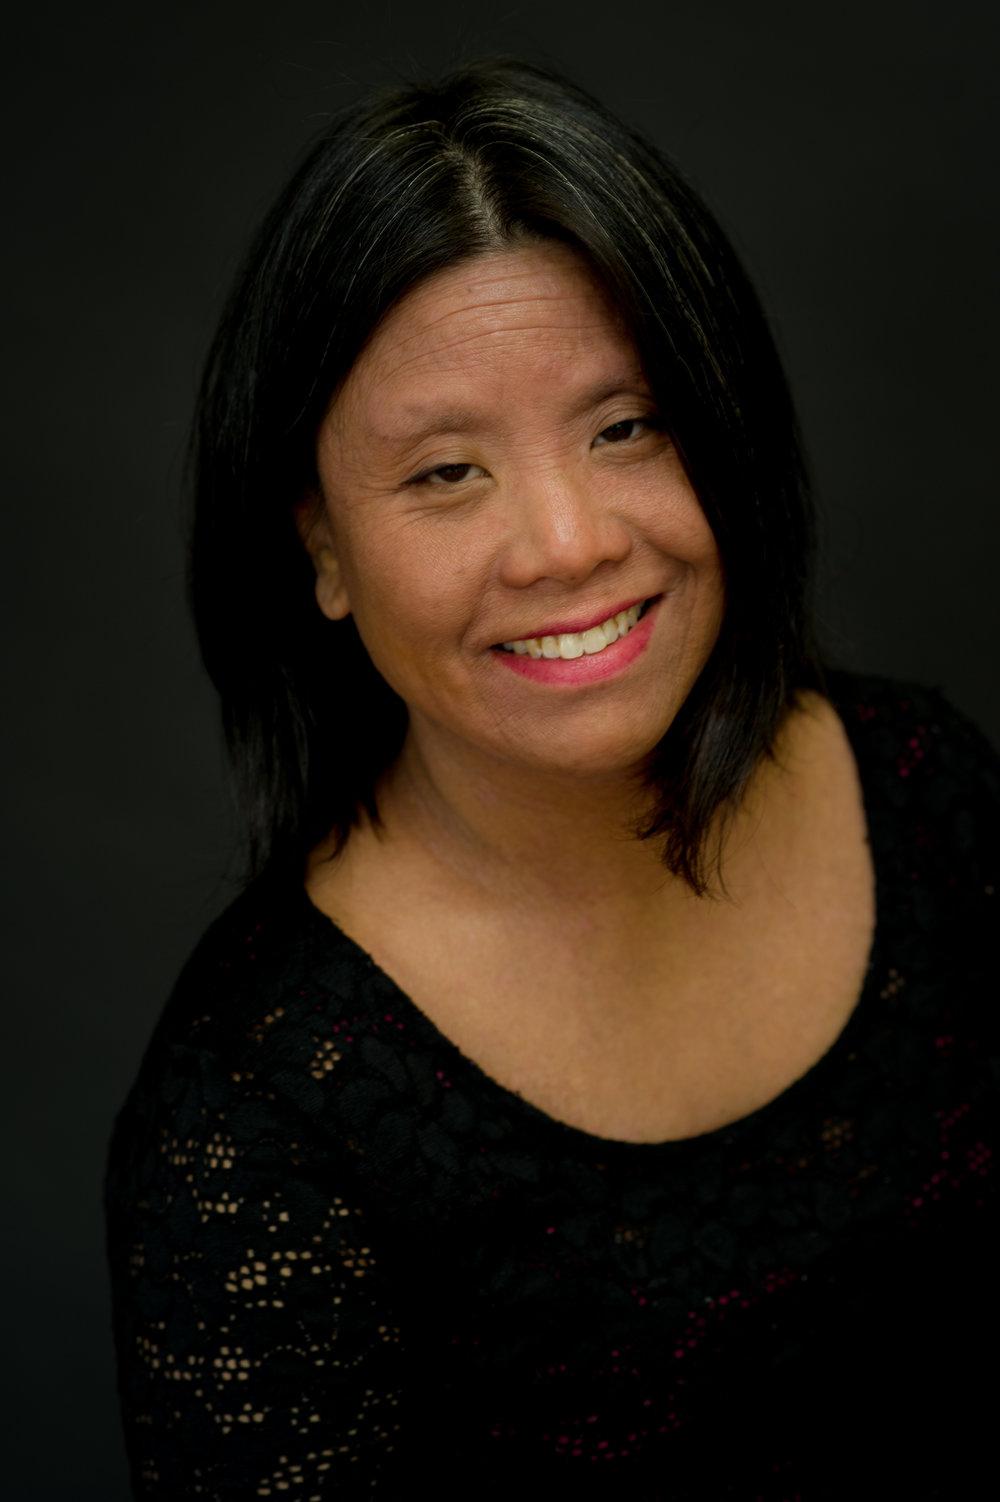 JustineHwang-37.jpg